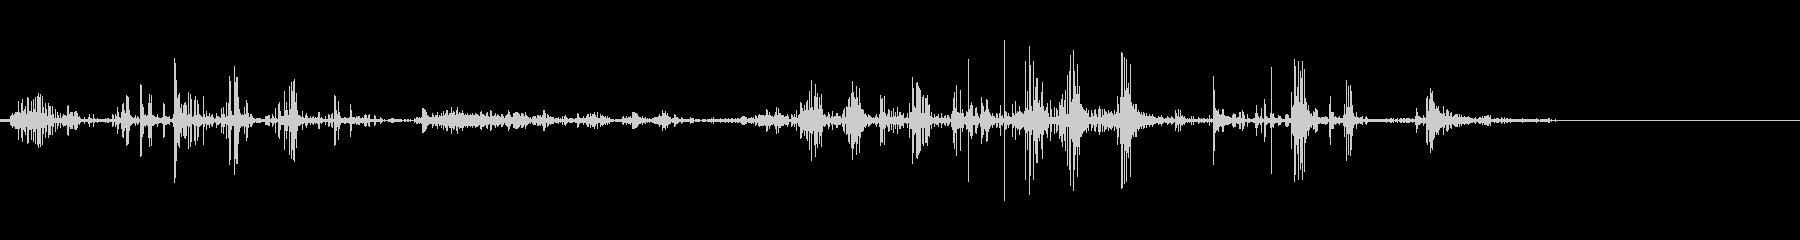 ベリベリベリベリ(物をちぎる音)の未再生の波形